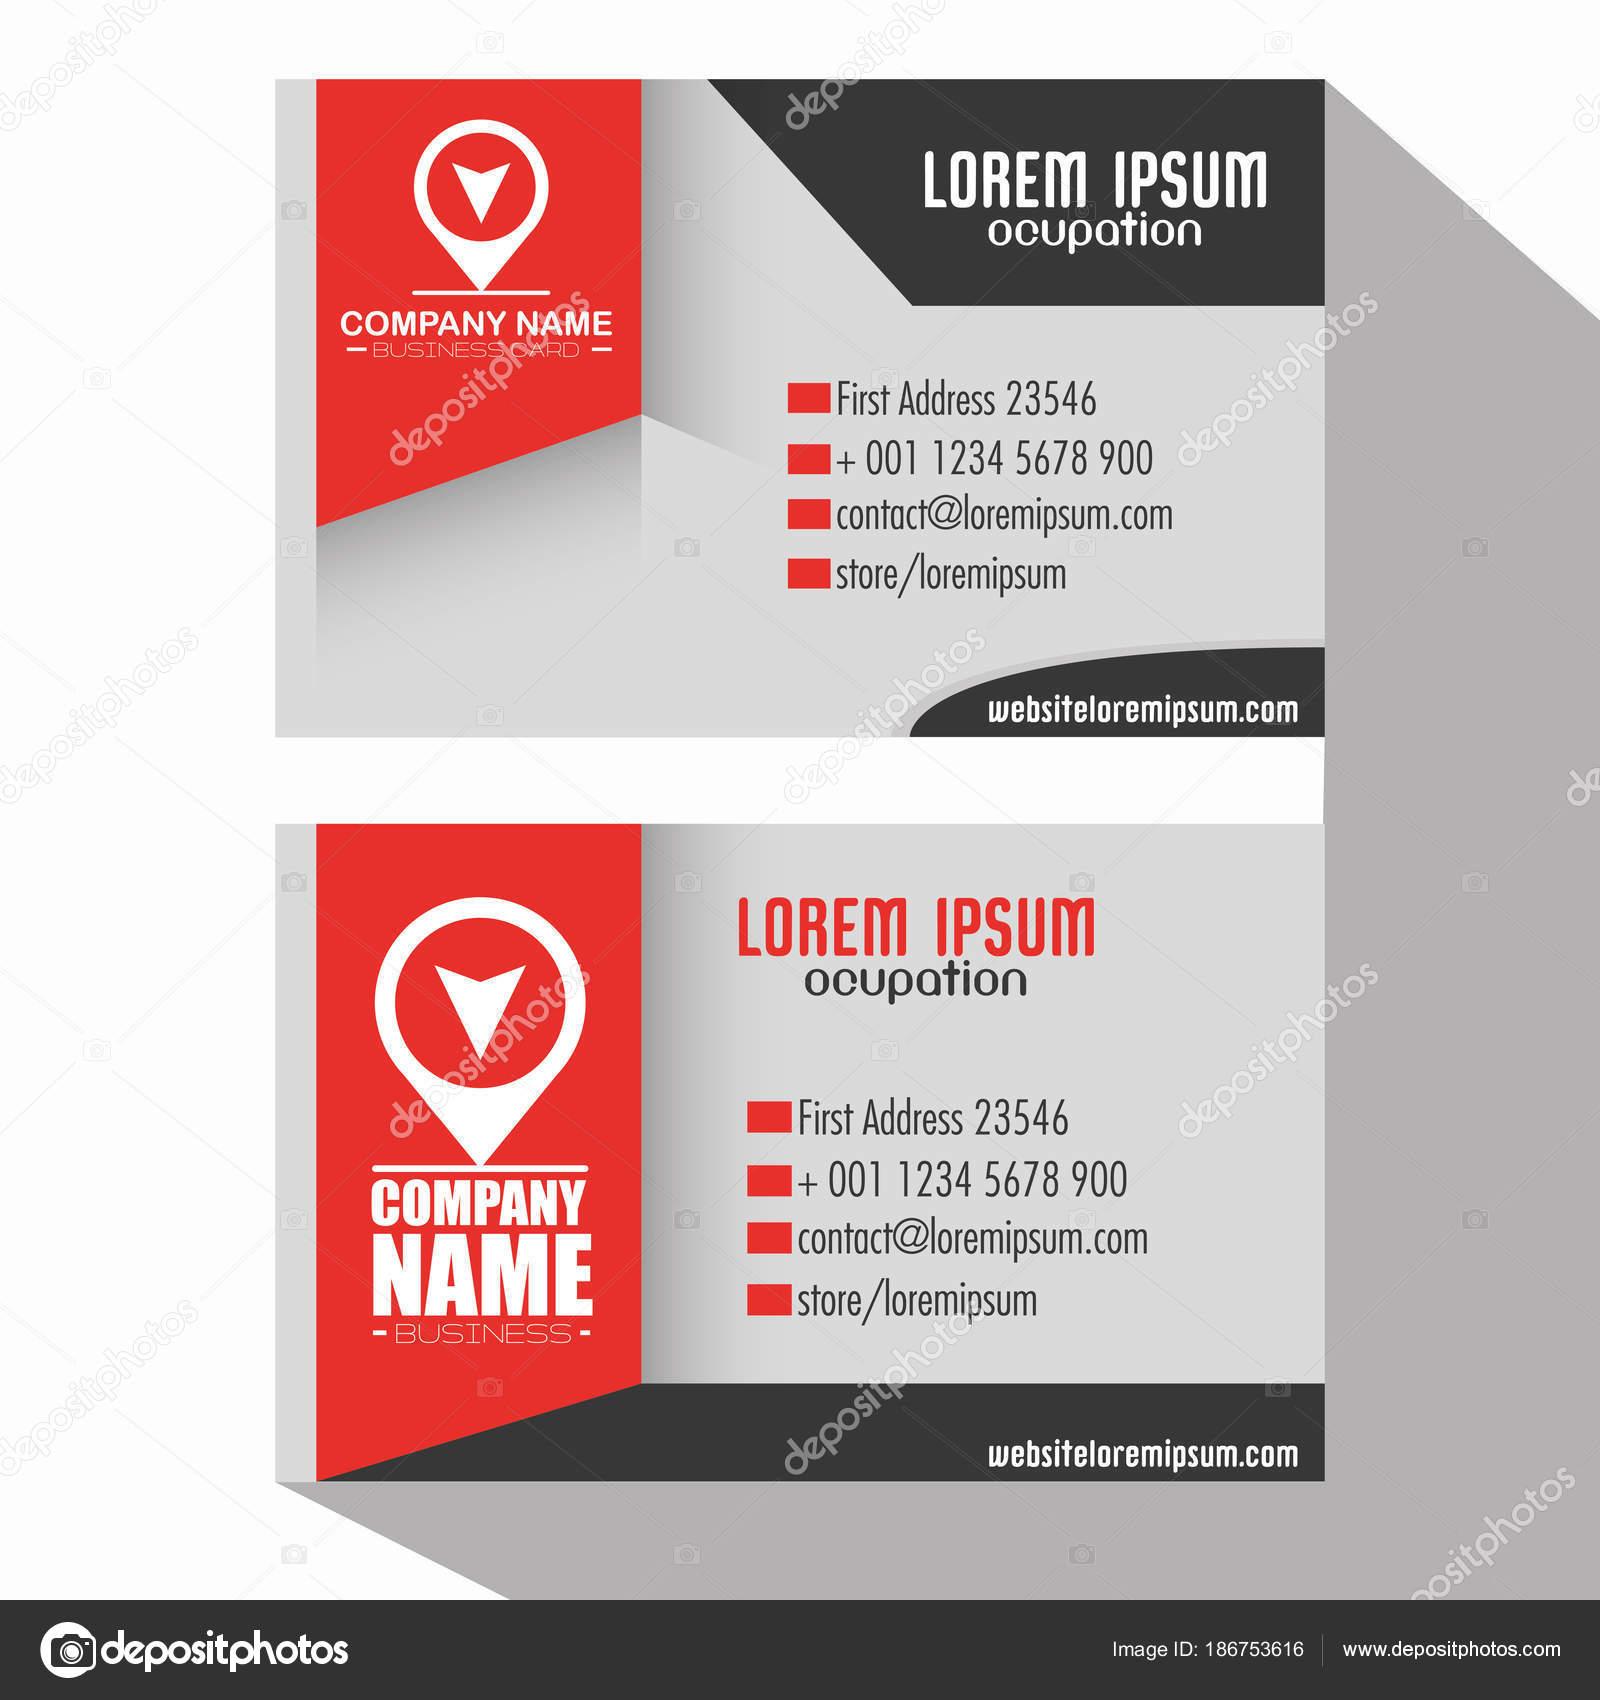 plantillas de tarjeta de visita corporativa creativa — Vector de ...